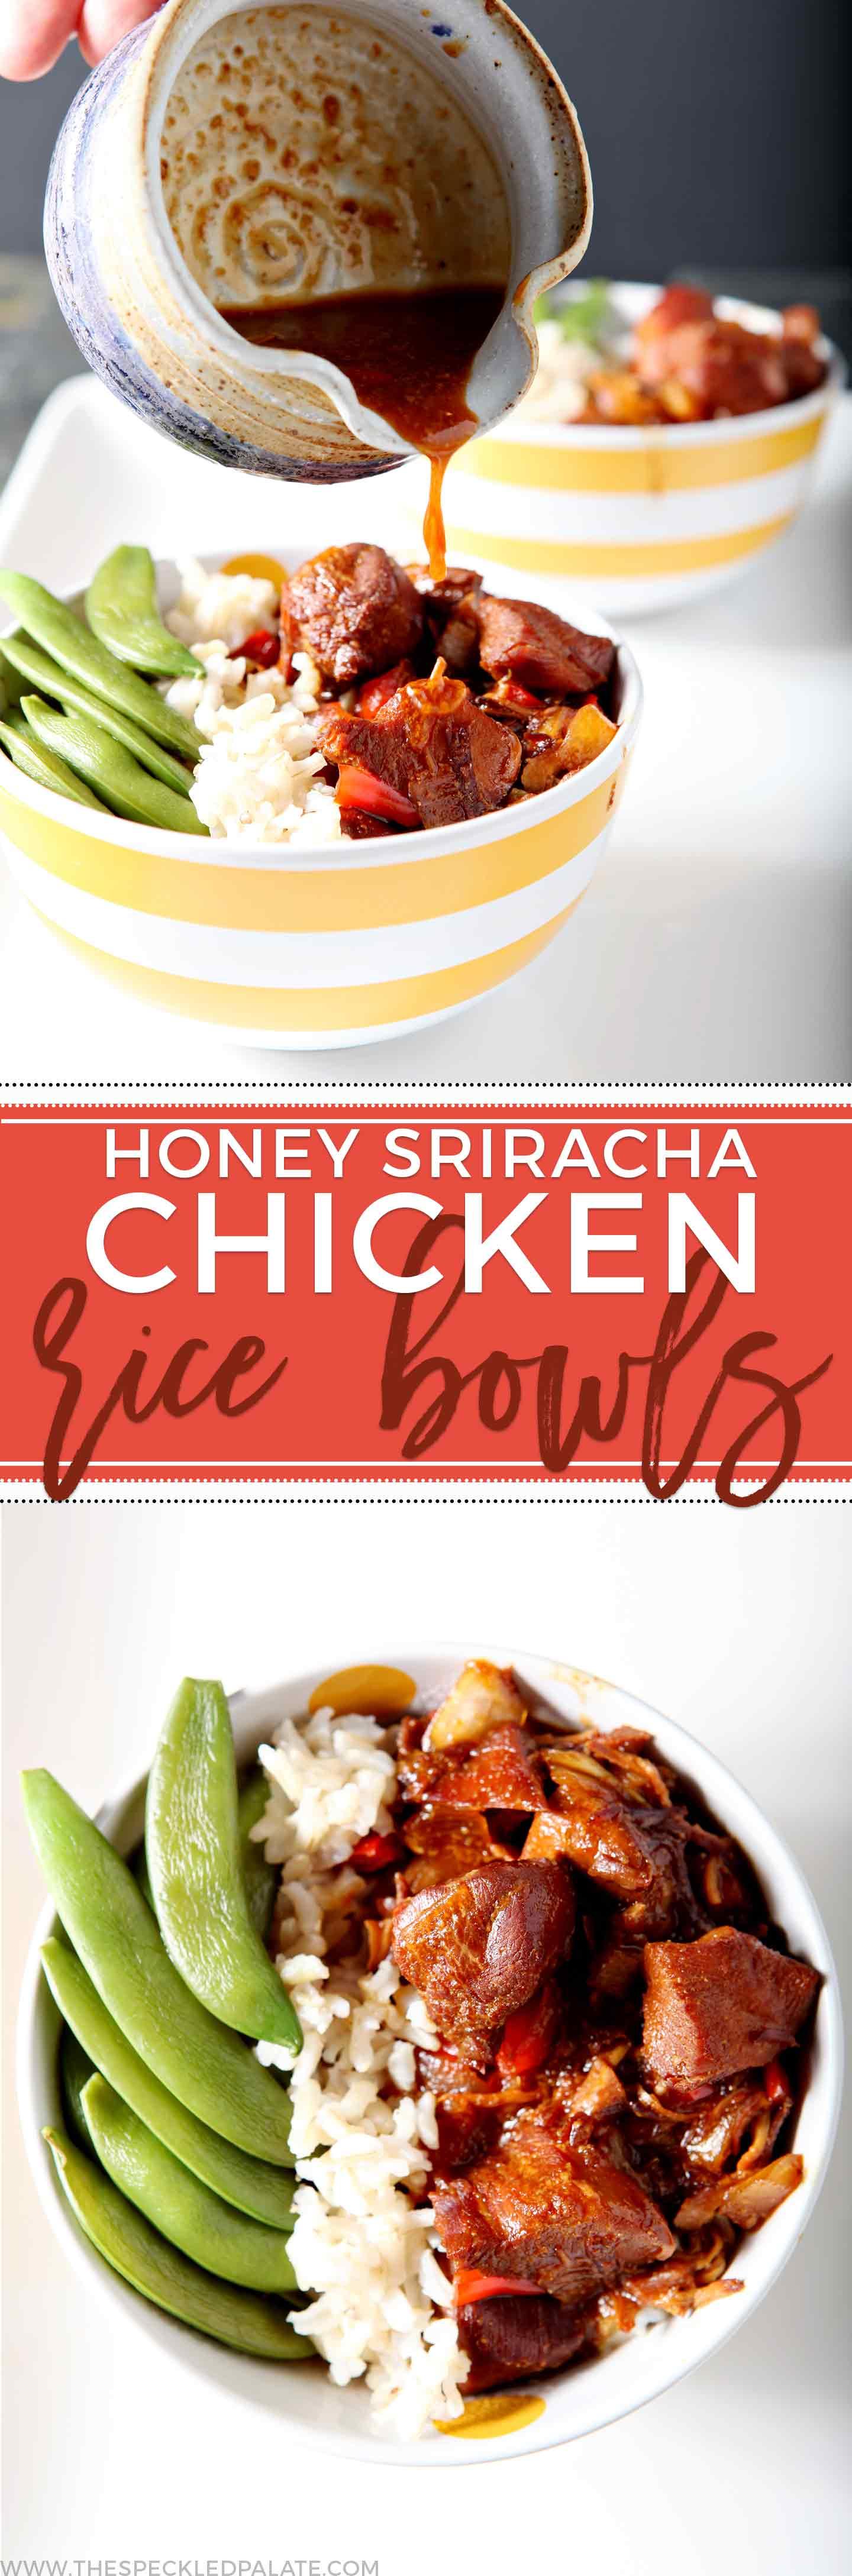 Honey Sriracha Chicken Rice Bowls | Recipe | Honey ...